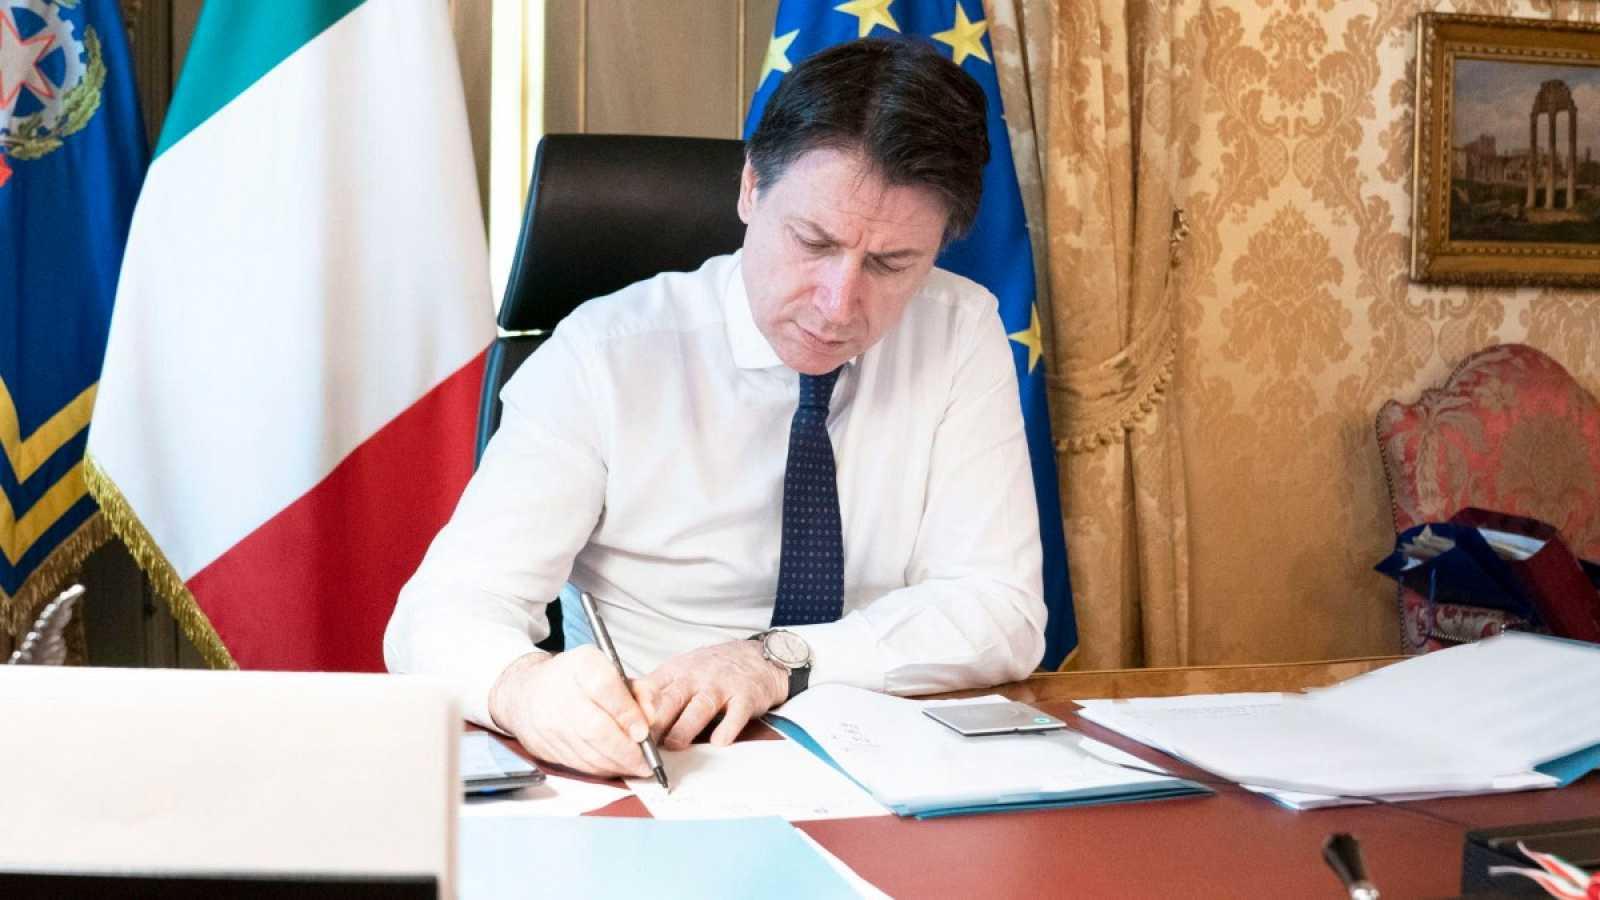 Italia interrumpe todas las actividades productivas excepto las esenciales para frenar coronavirus